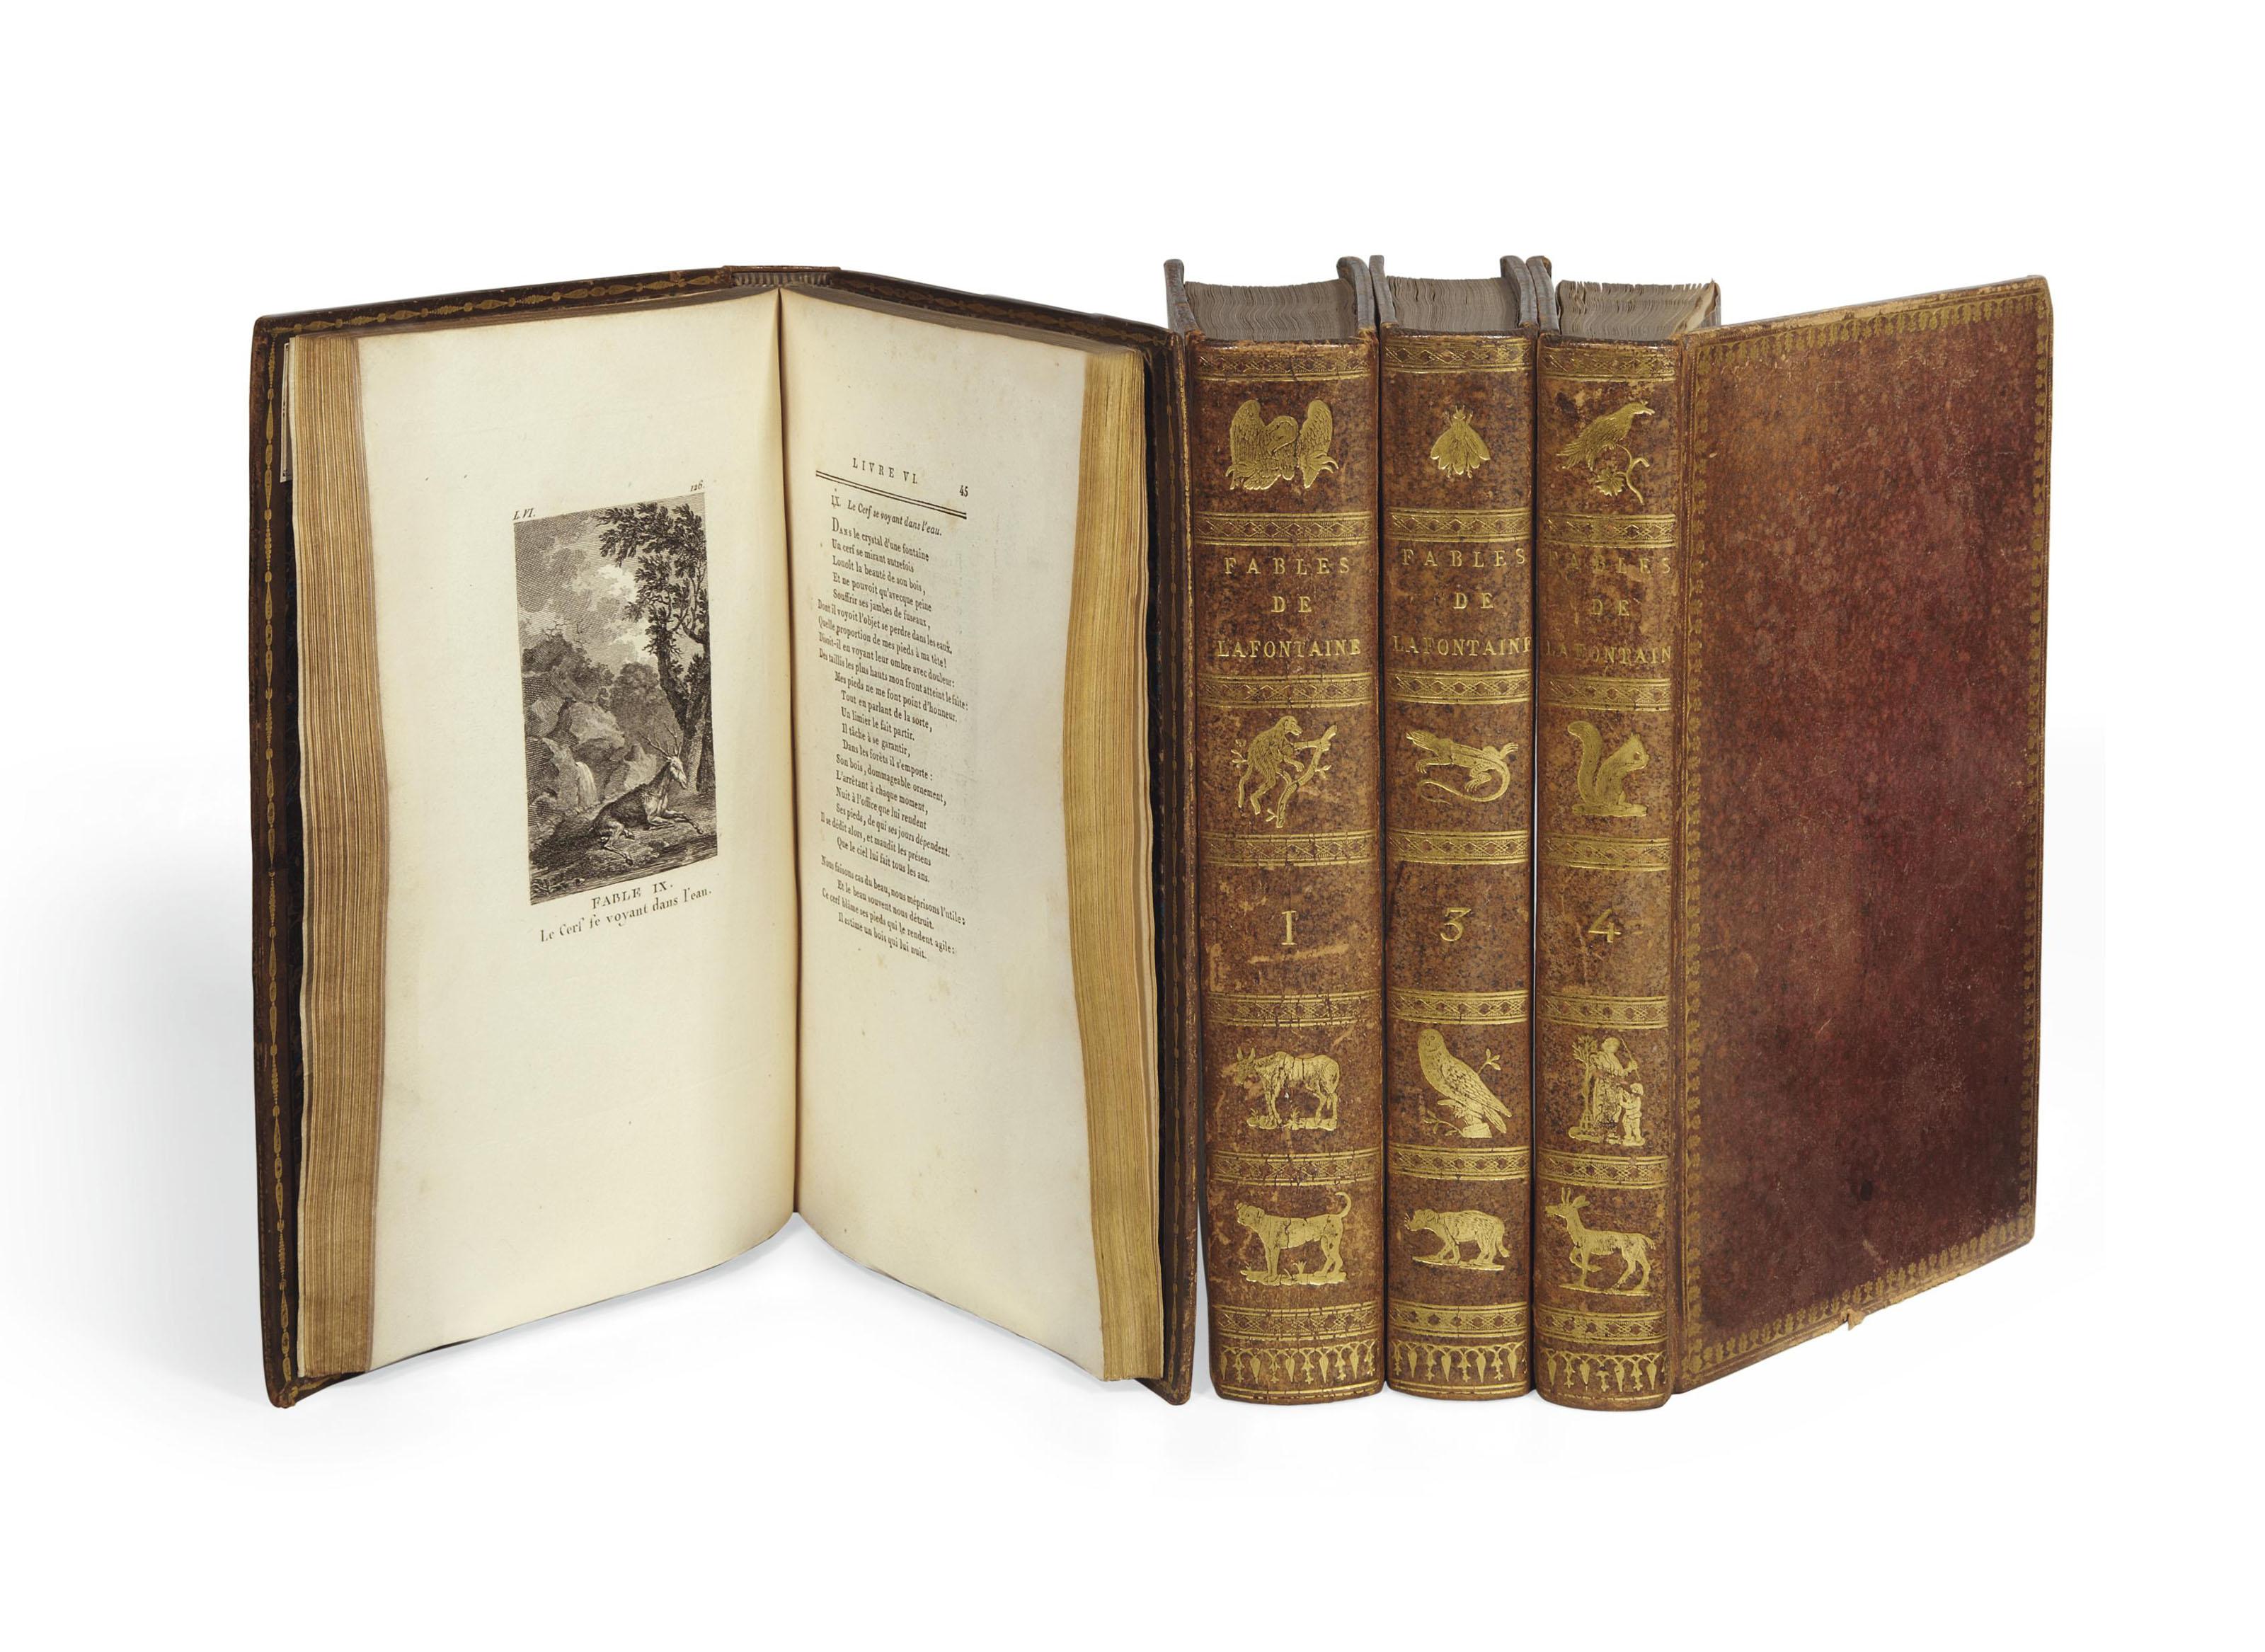 LA FONTAINE, Jean (1621-1695). Fables de La Fontaine avec figures gravées par MM.  Simon et Coiny. Paris: Bossange, Masson et Besson, An IV.